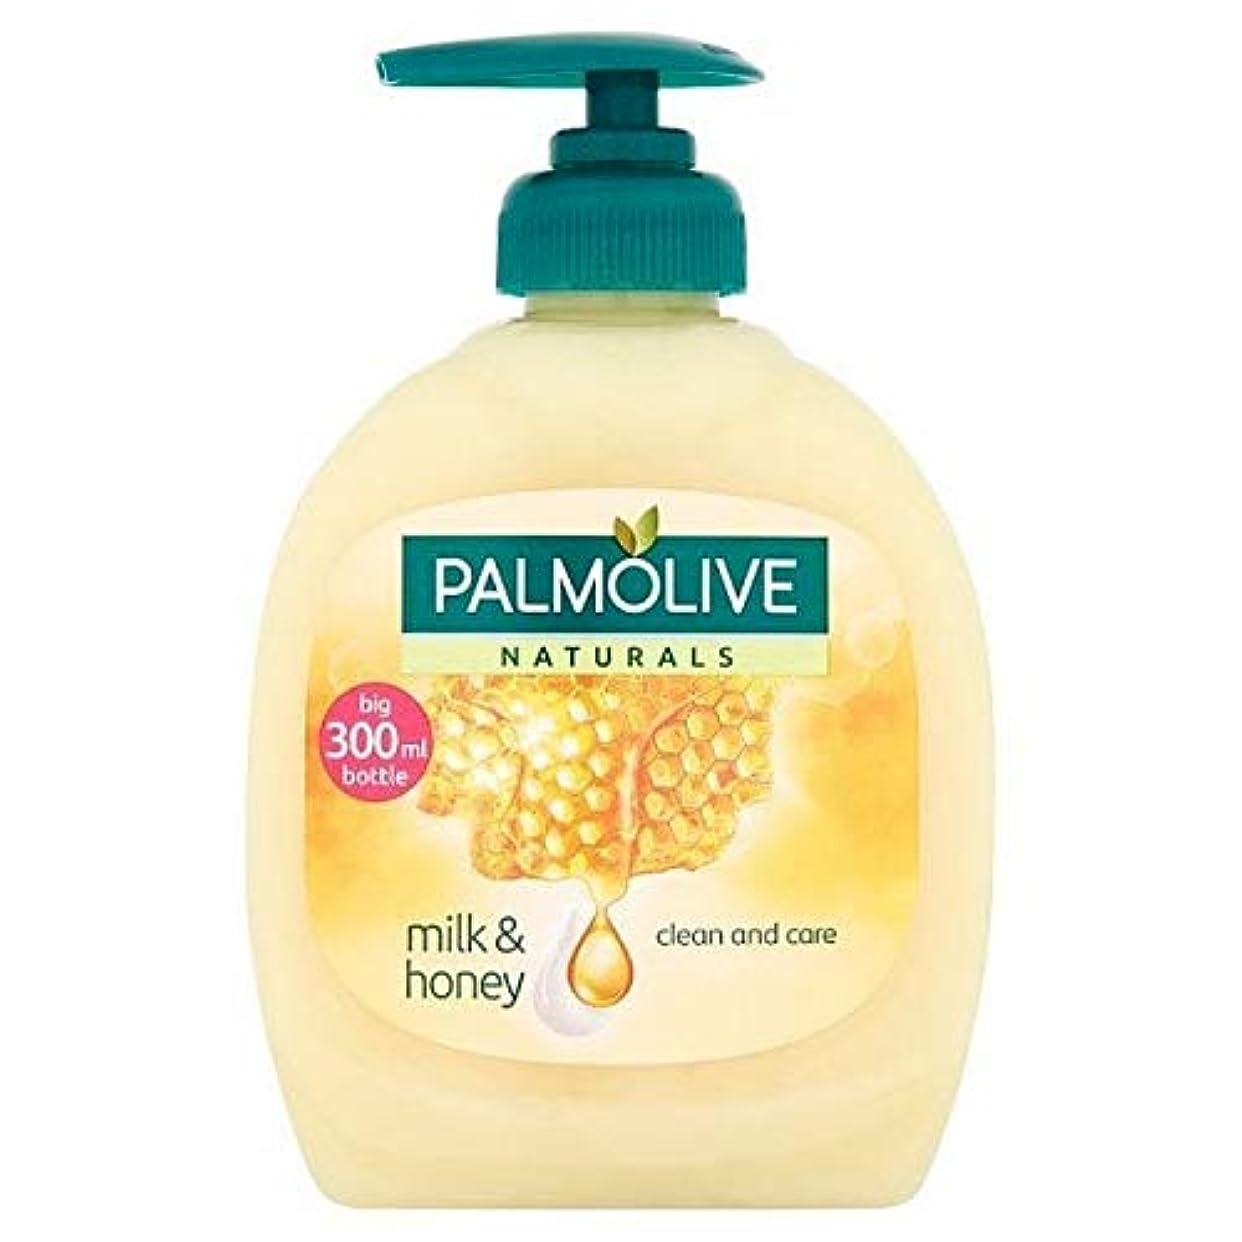 方法マイコン明らか[Palmolive ] パルモ液体ハンドソープ乳と蜜の300ミリリットル - Palmolive Liquid Hand Soap Milk And Honey 300ml [並行輸入品]